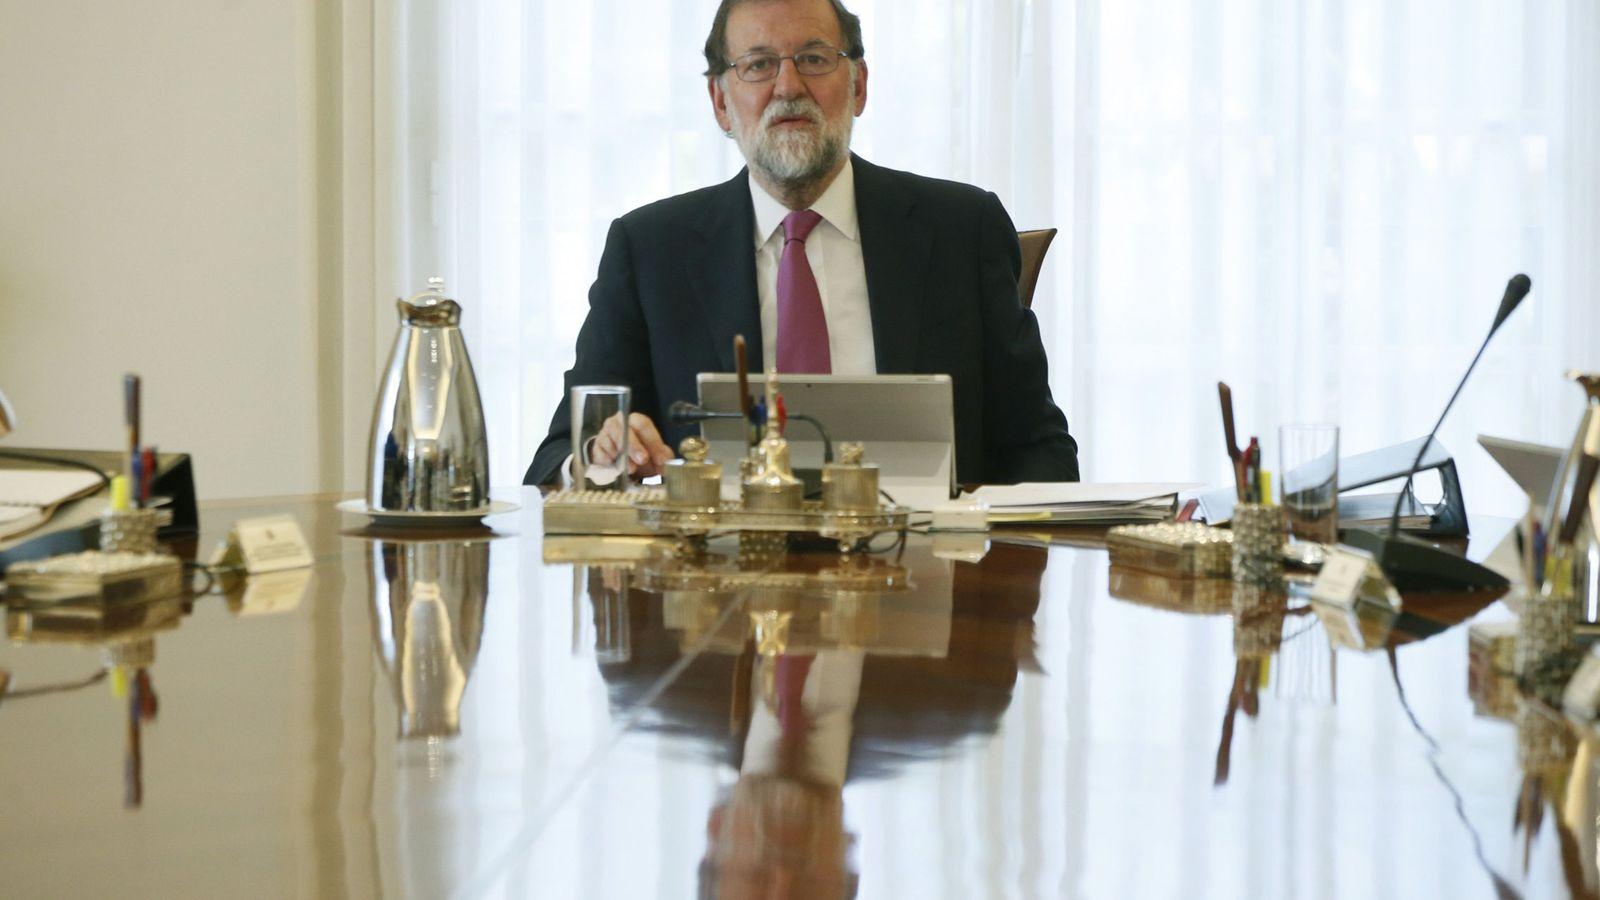 Foto: Mariano Rajoy pone a disposición de Cataluña todos los servicios de Estado tras el atentado (EFE)